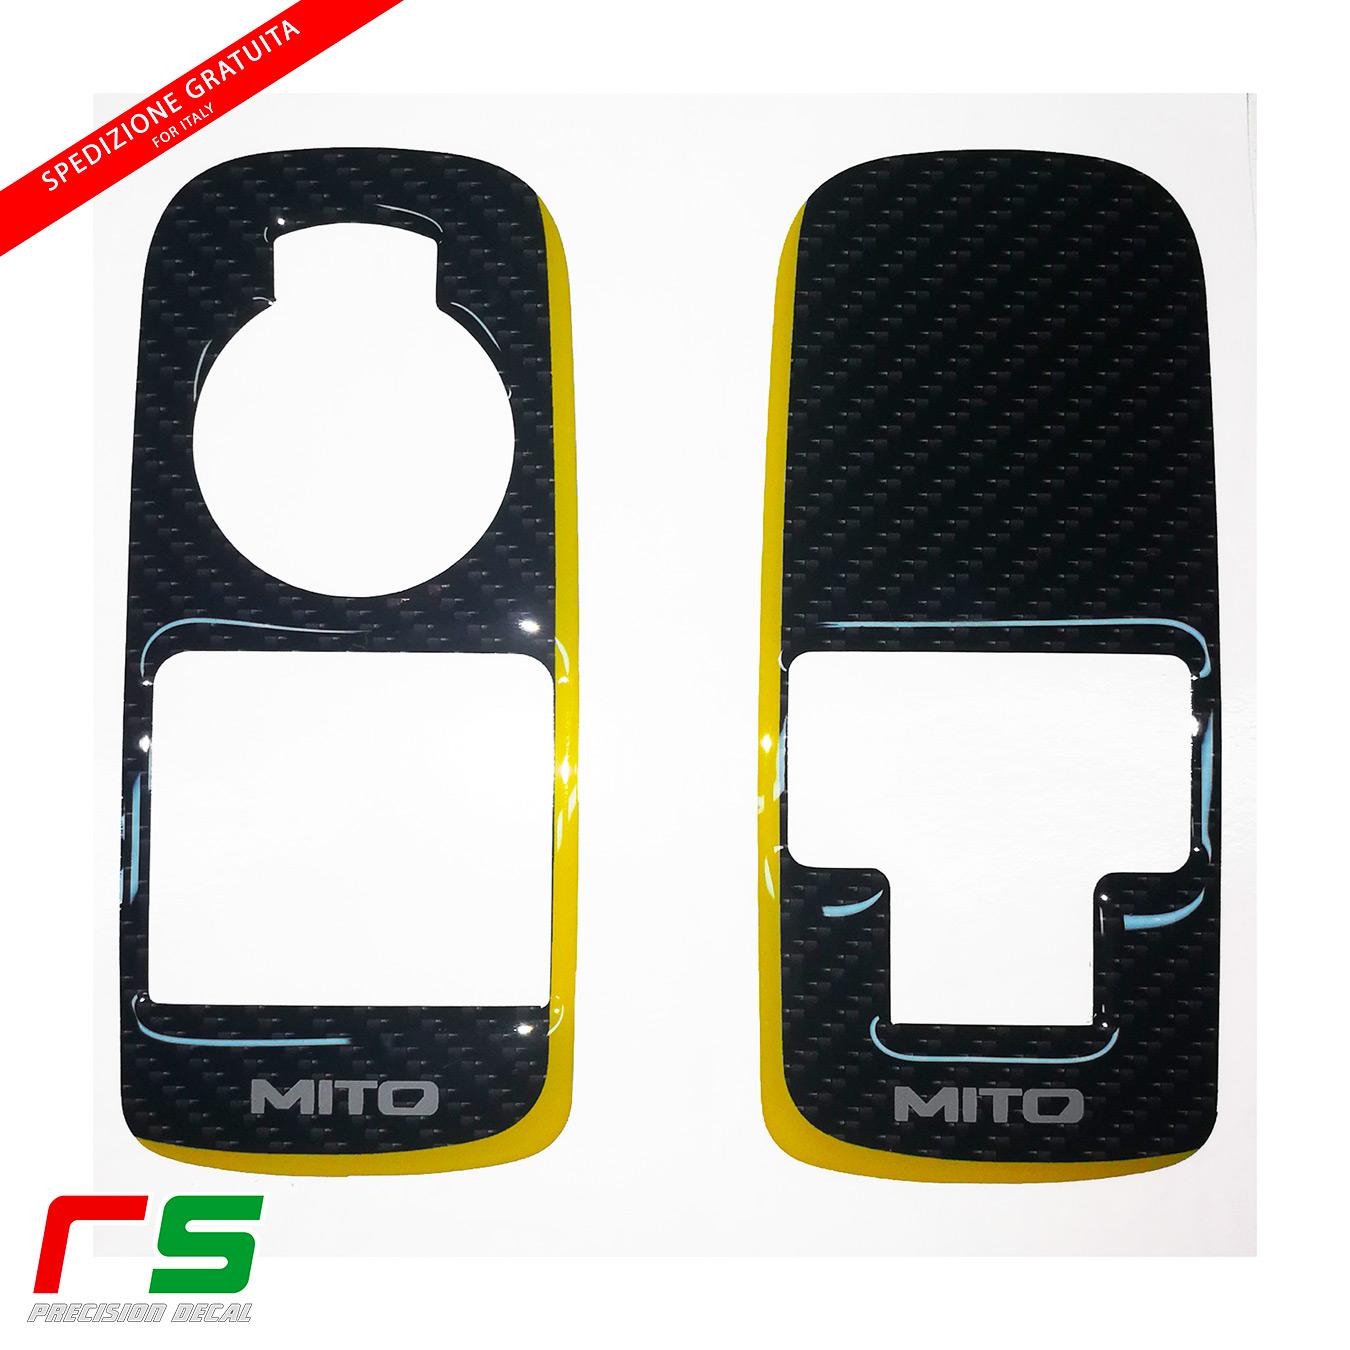 Alfa Romeo Mito resin-coated STICKERS yellow window regulator